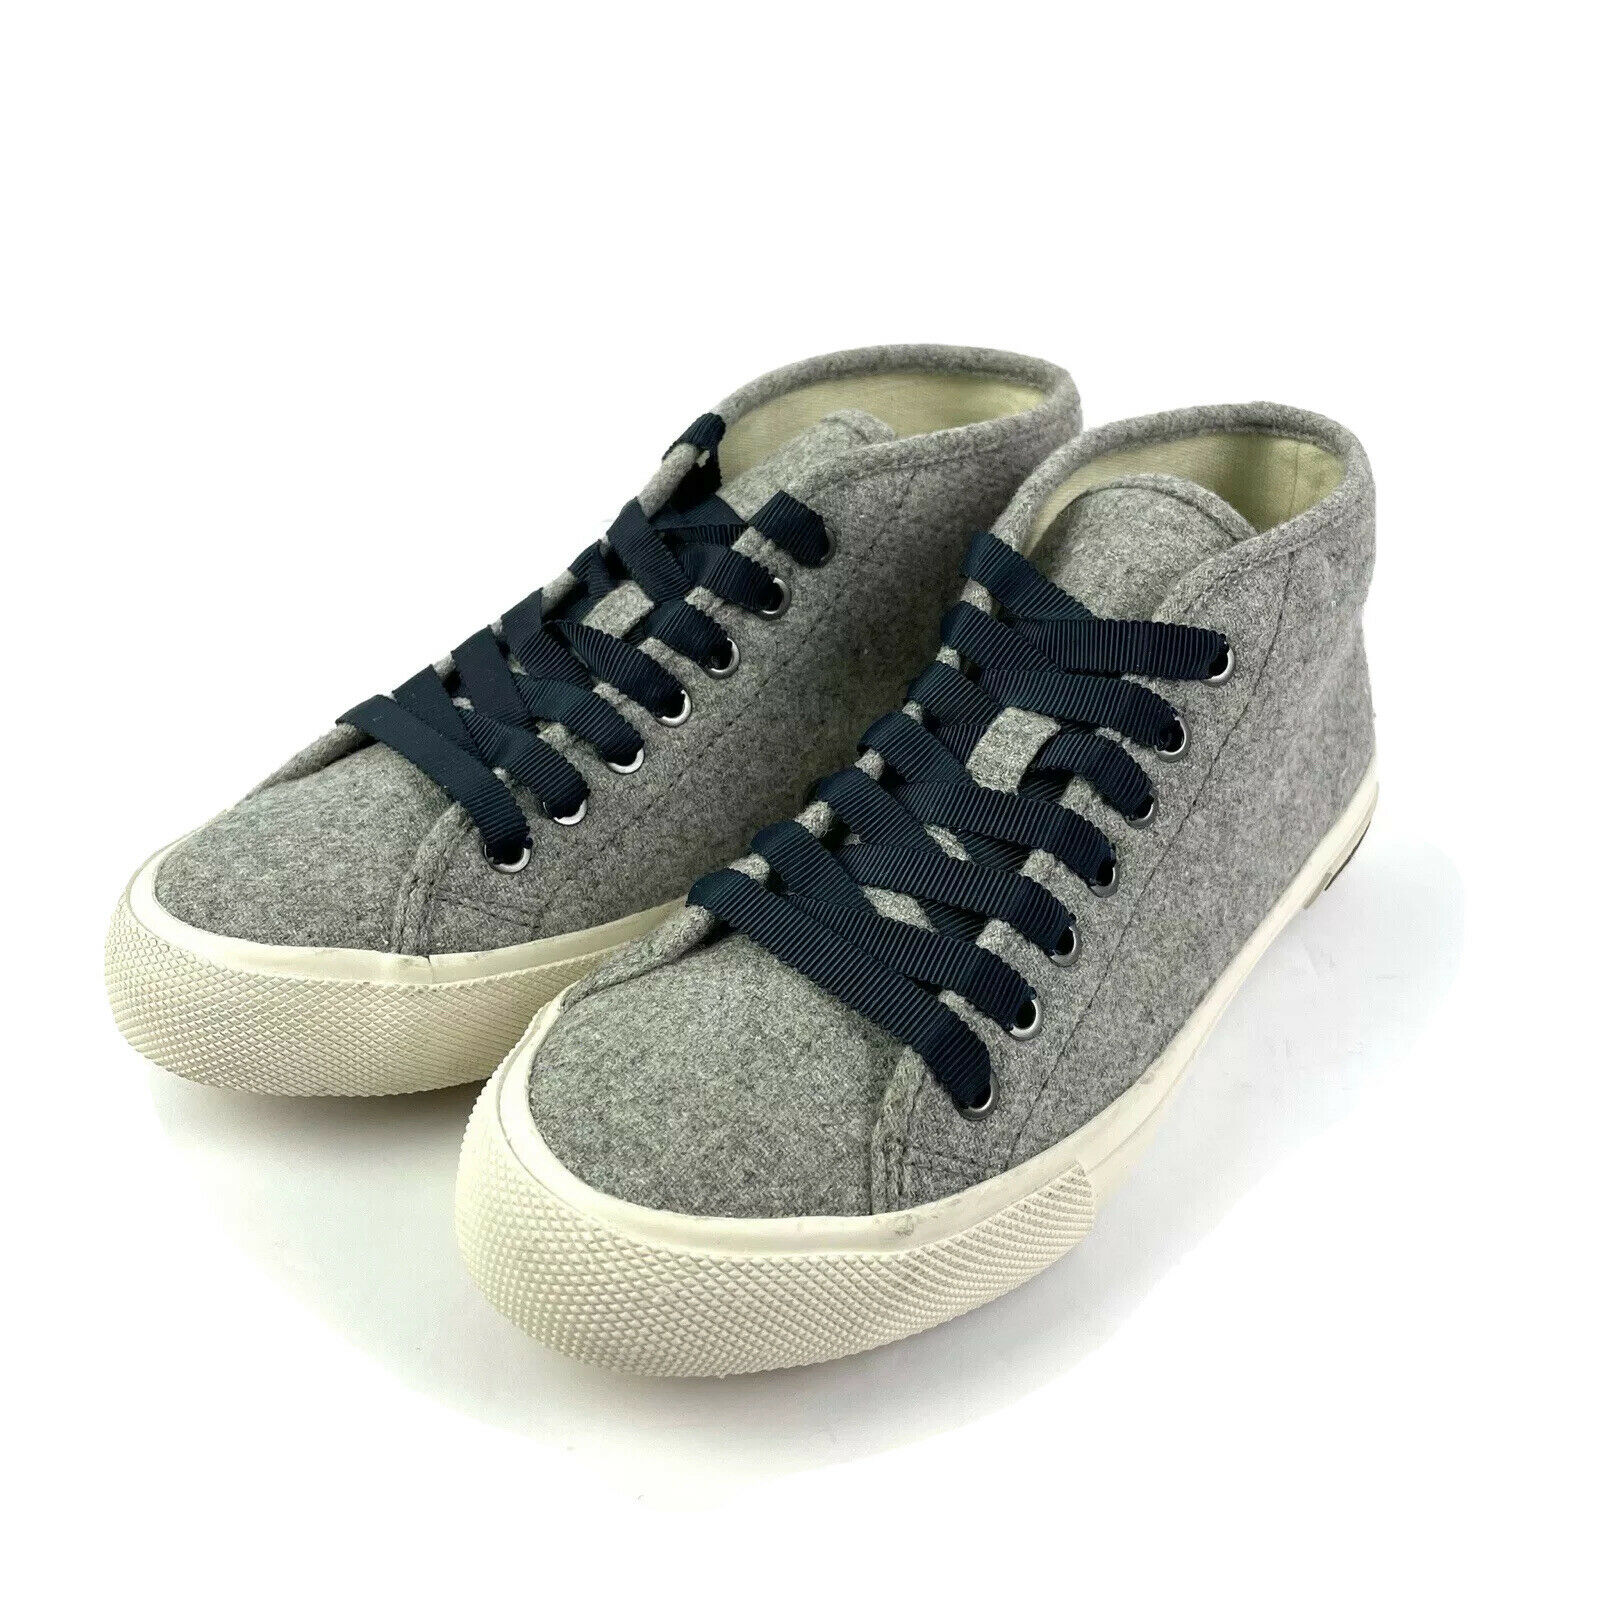 SeaVees Sneaker 6.5 California Special Varsity Wool Flannel Mid Top Shoe Womens